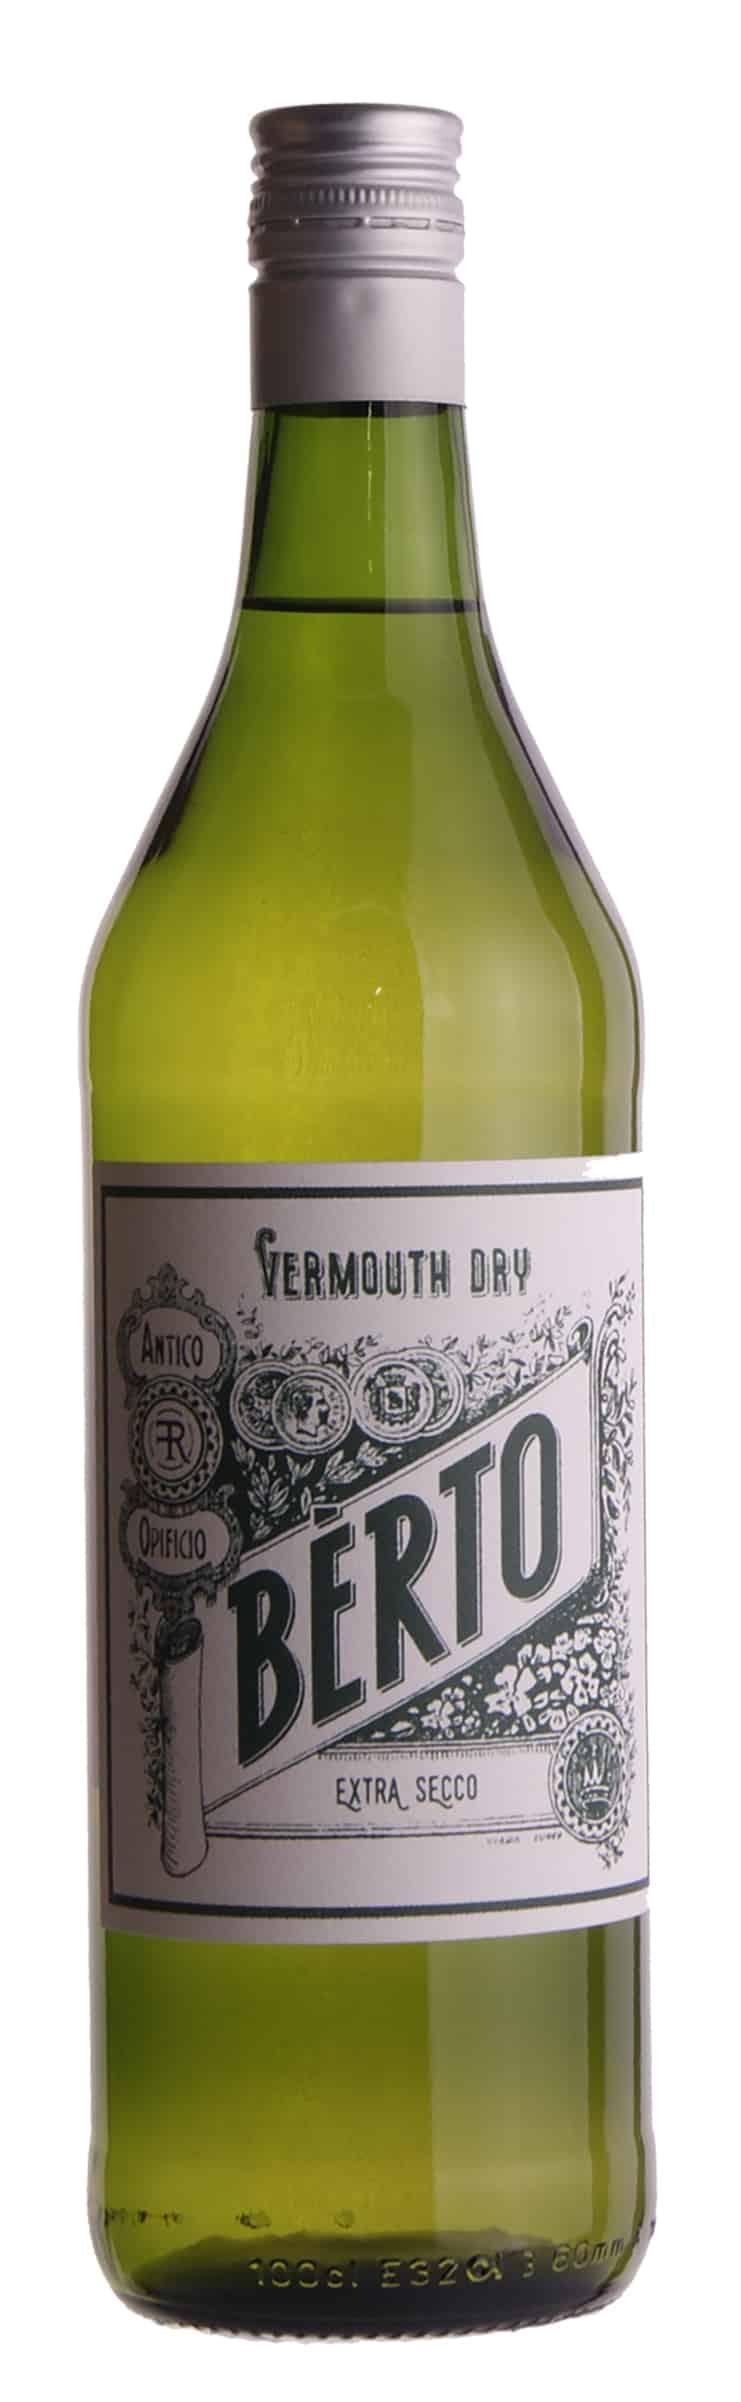 Berto Dry Vermouth